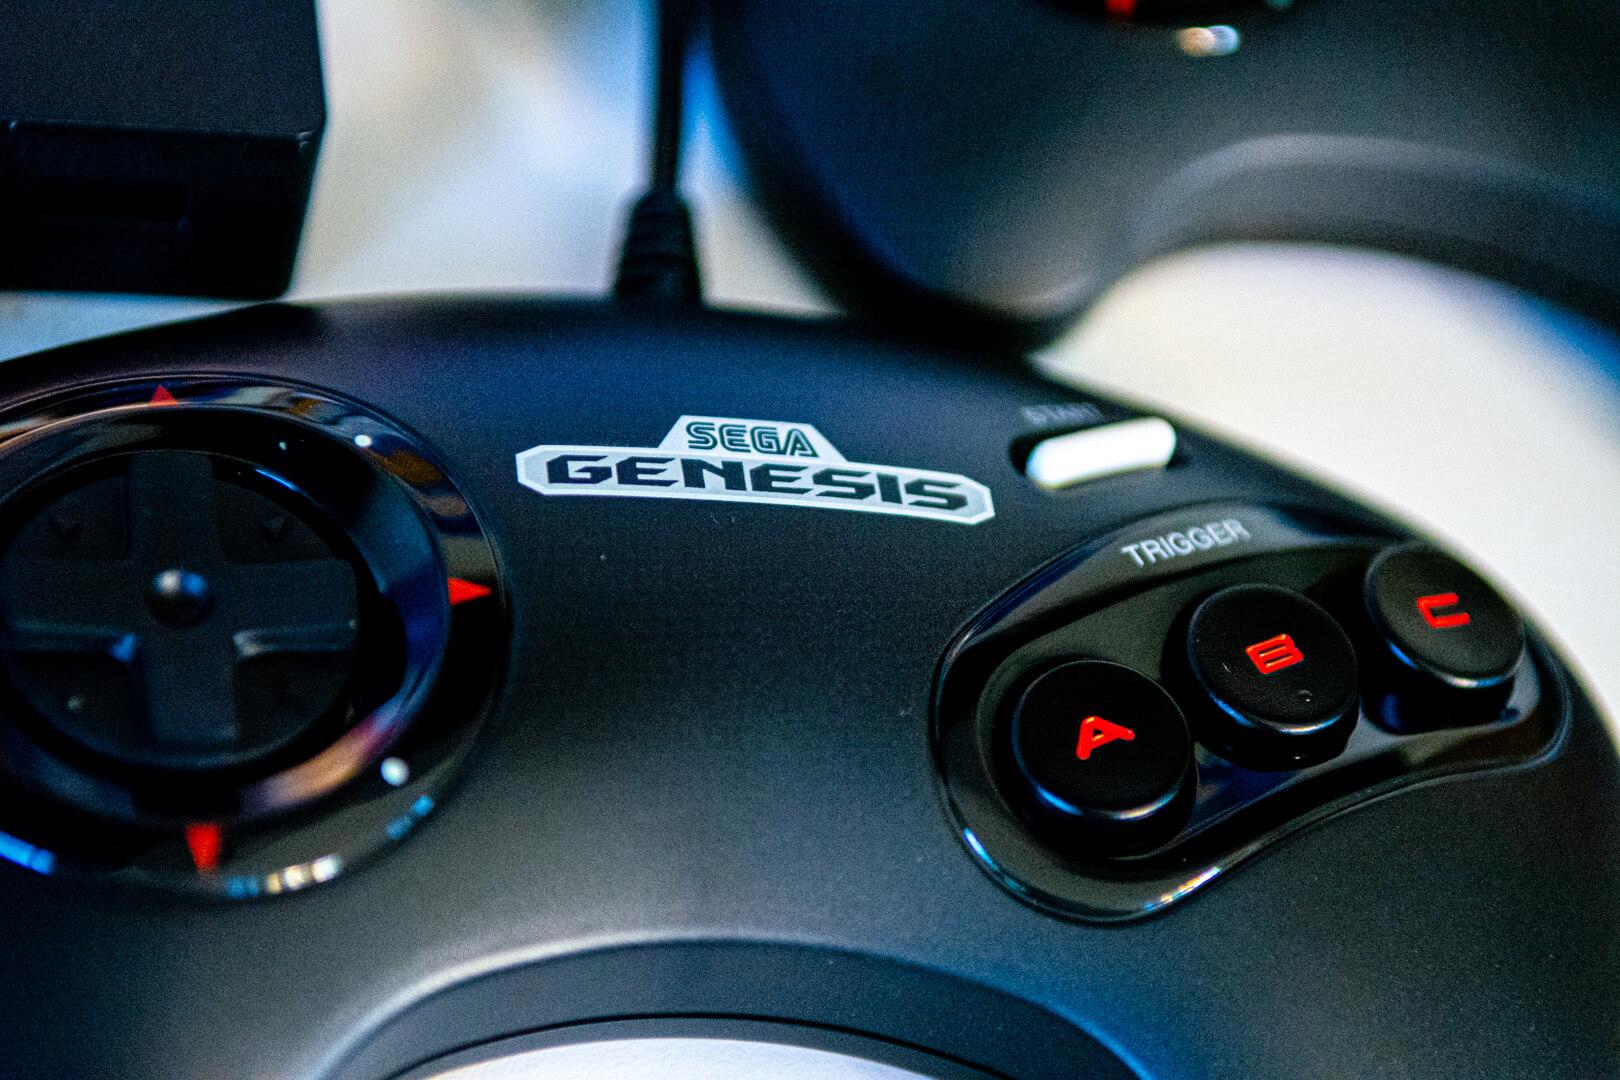 إن Sega Genesis Mini مستعدة لاستعادة إيمانك باللوحات الكلاسيكية 1